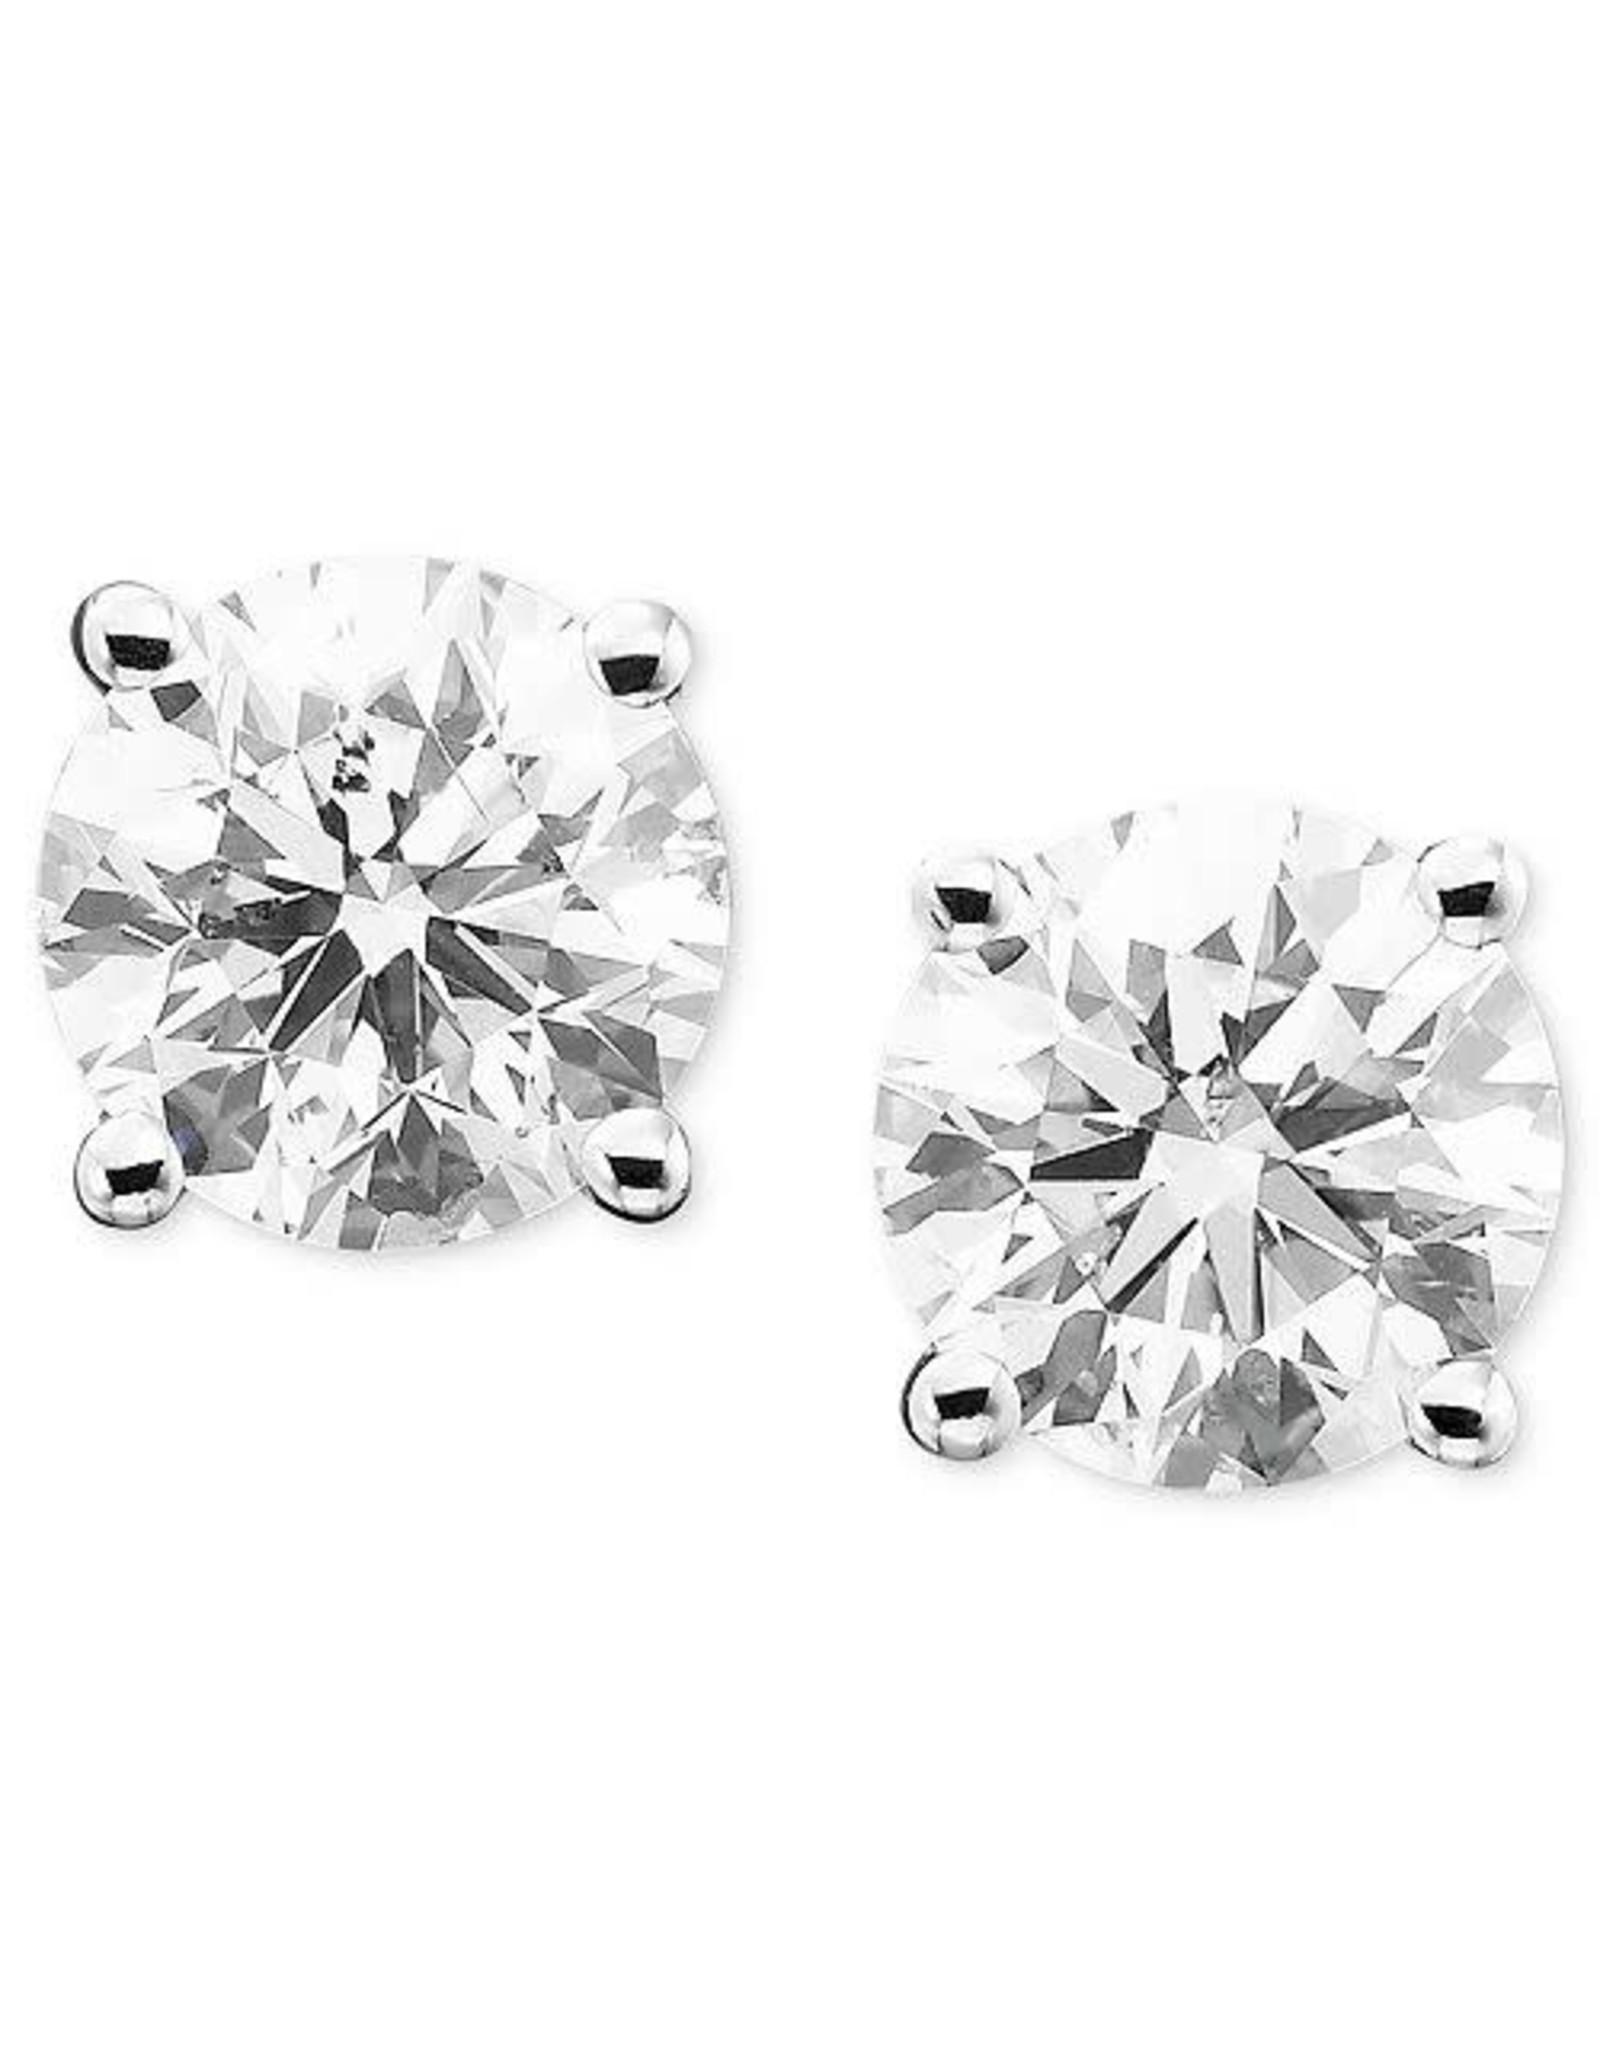 14K White Gold 4-Prong Diamond Stud Earrings, D: 2.02ct